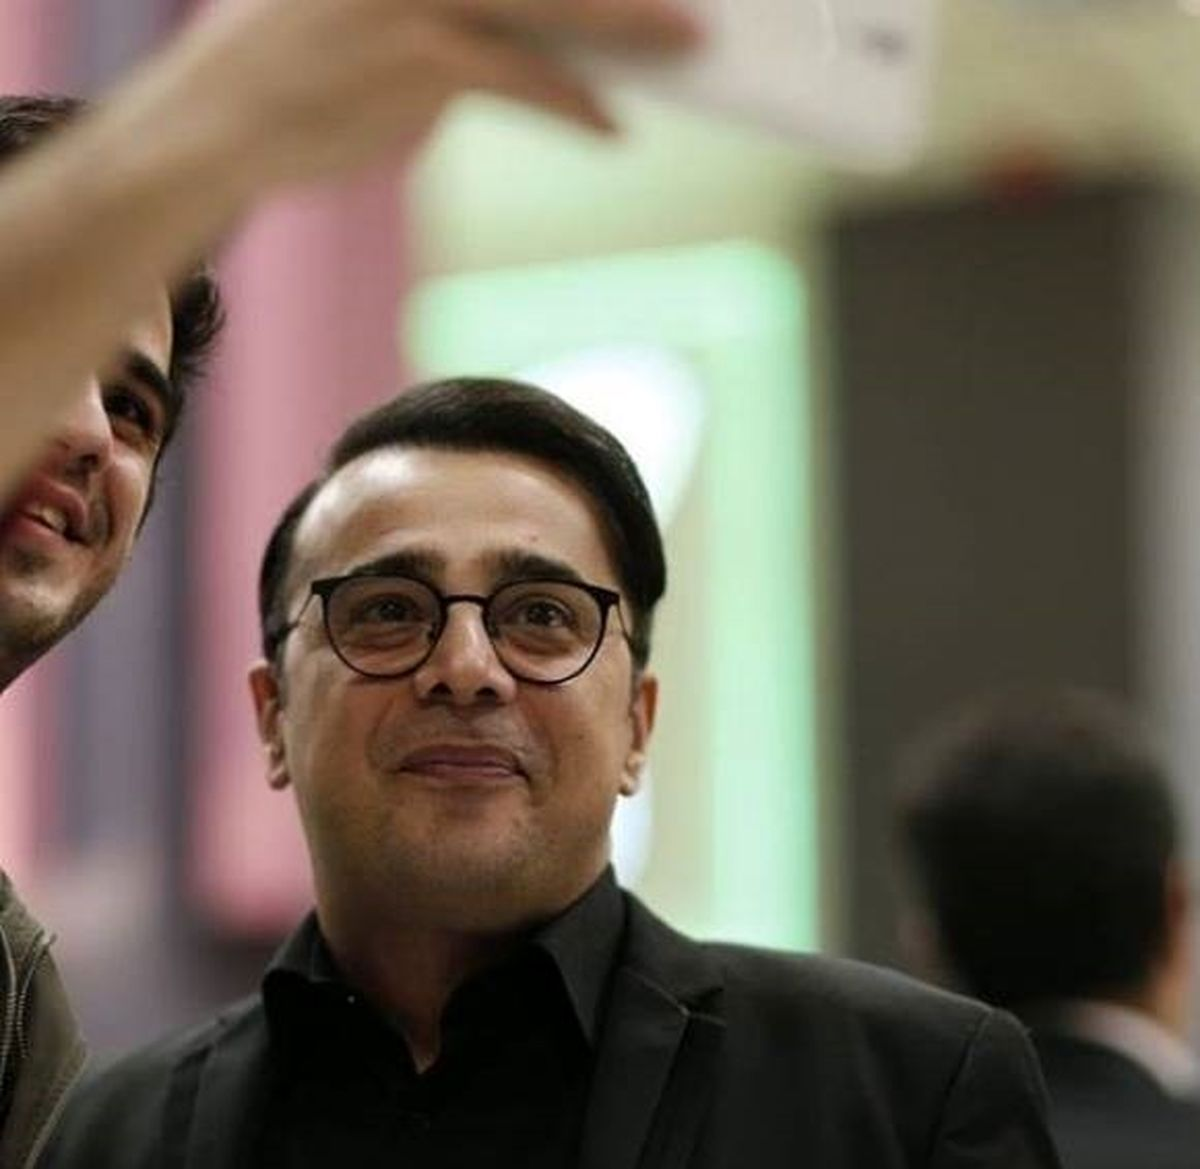 اولین فیلم از سپند امیرسلیمانی در بیمارستان+فیلم لو رفته